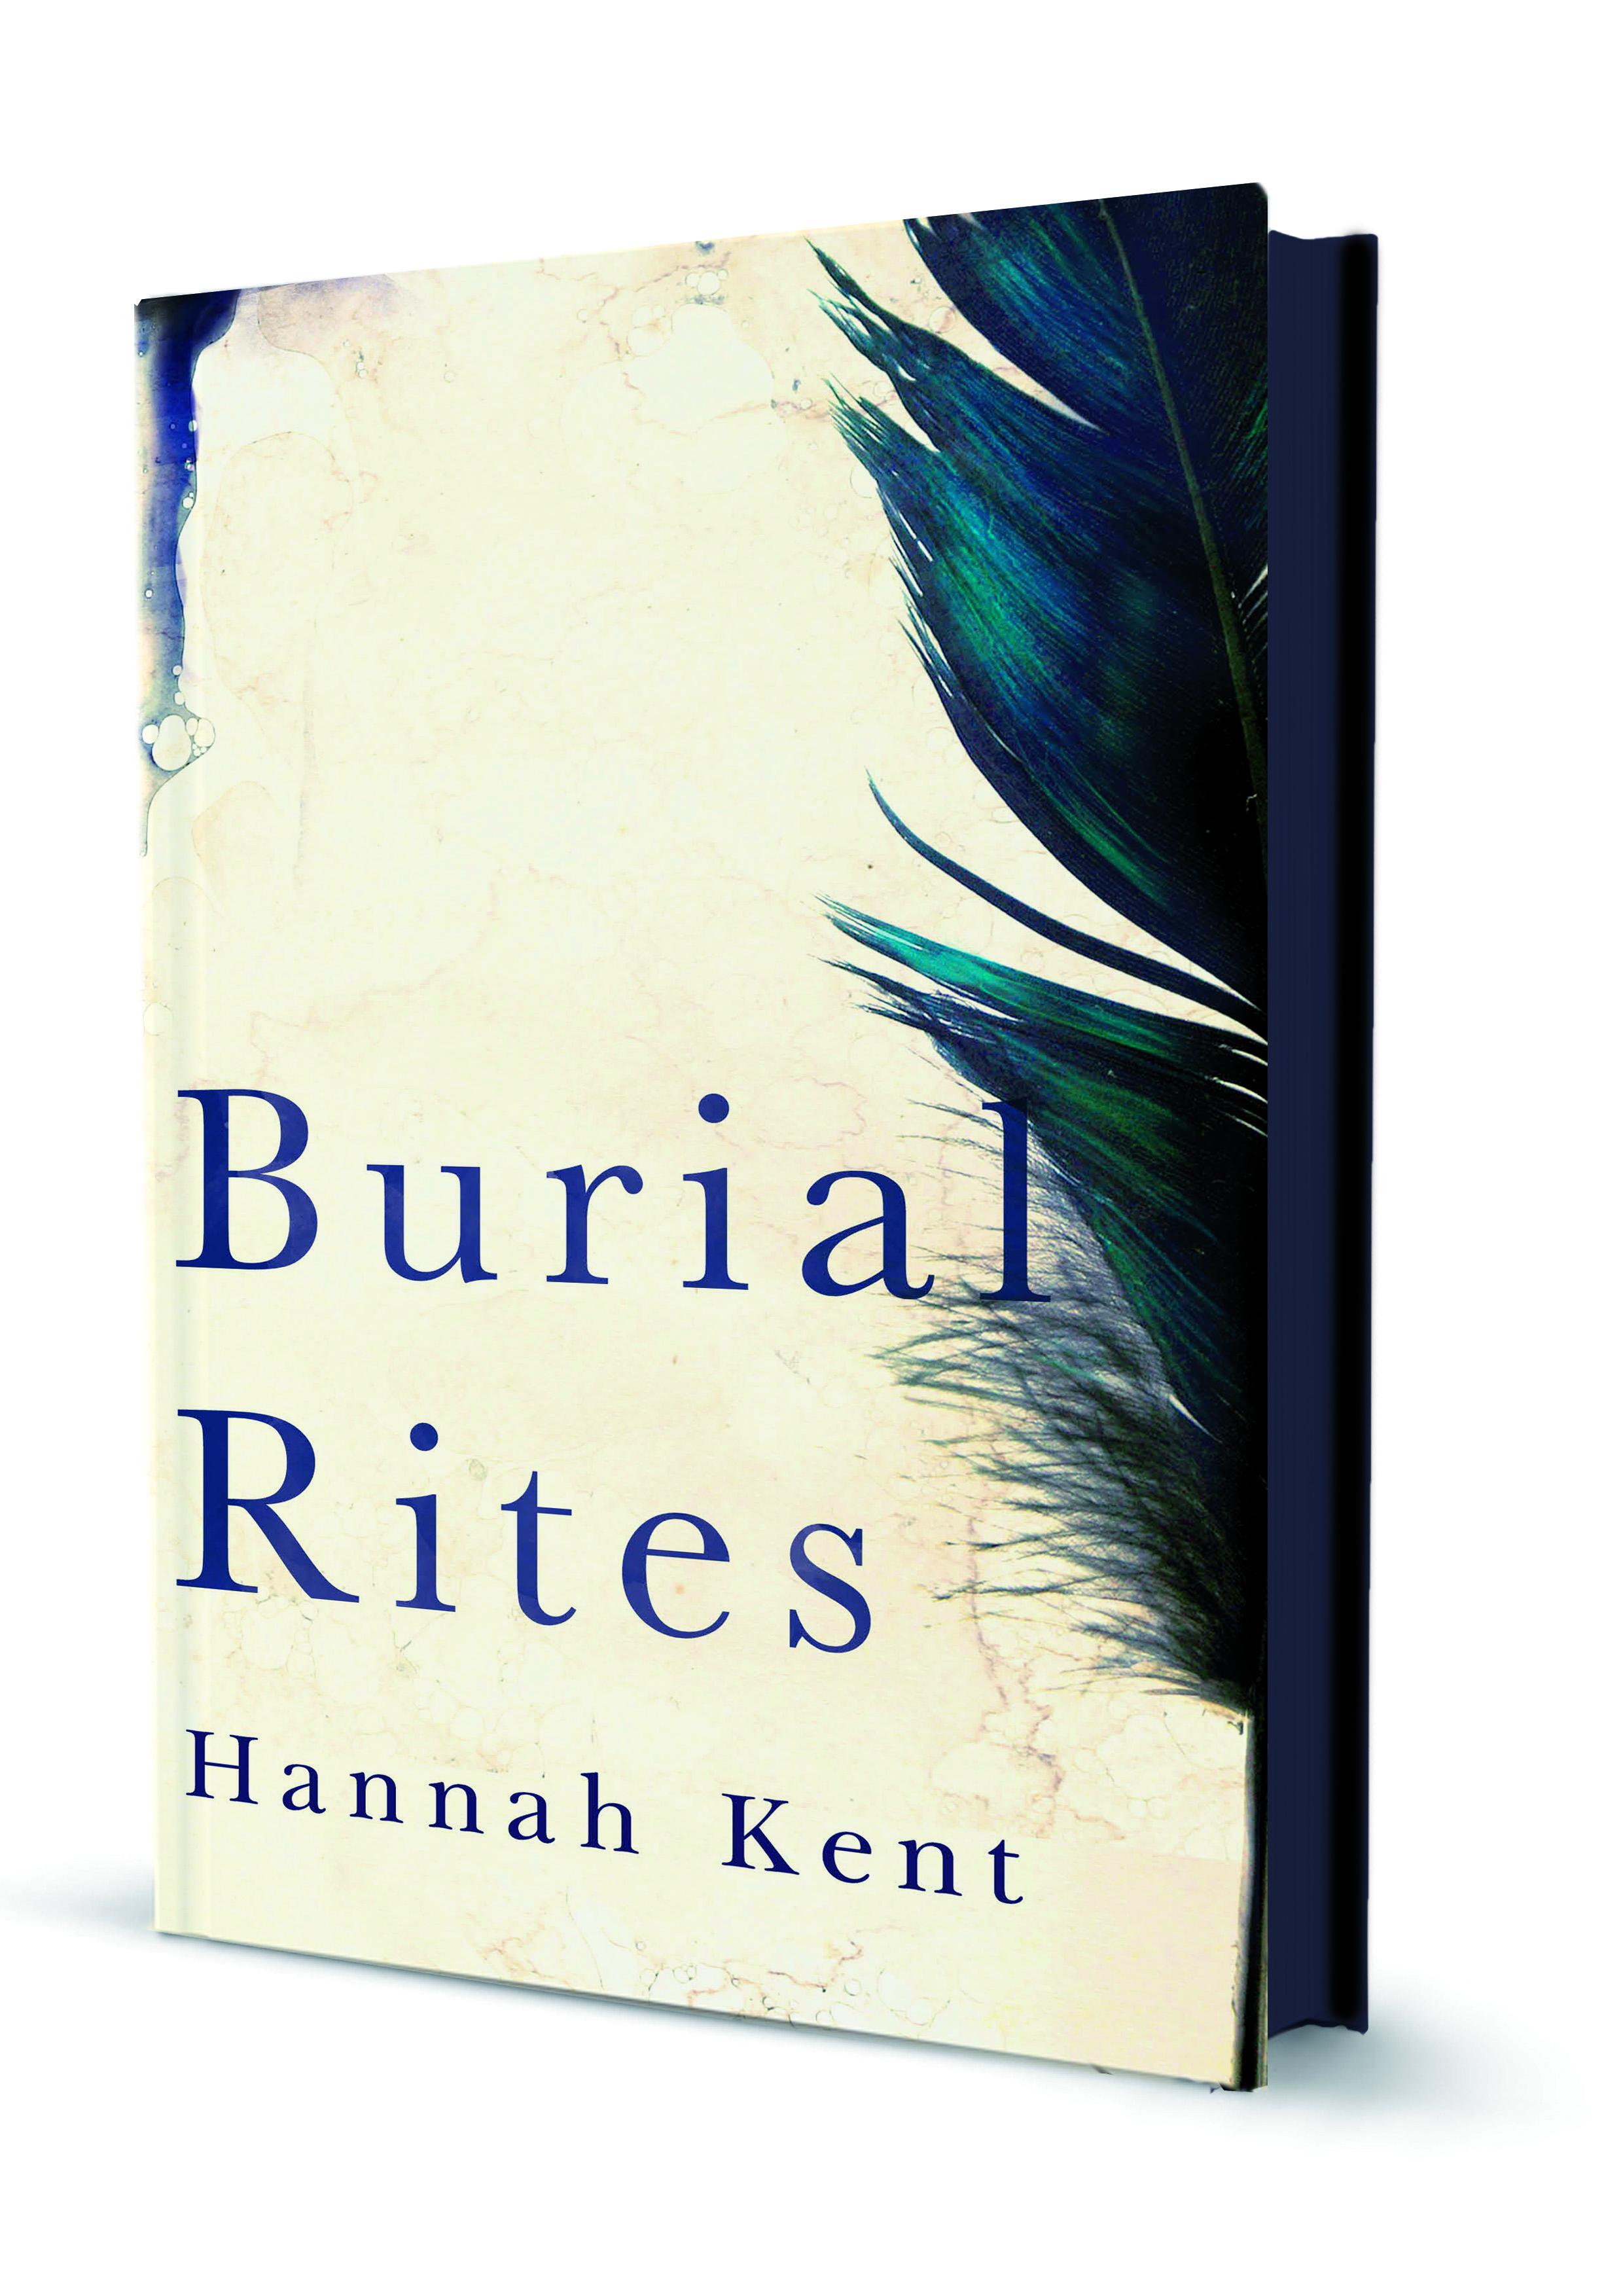 burial rites_book.jpg